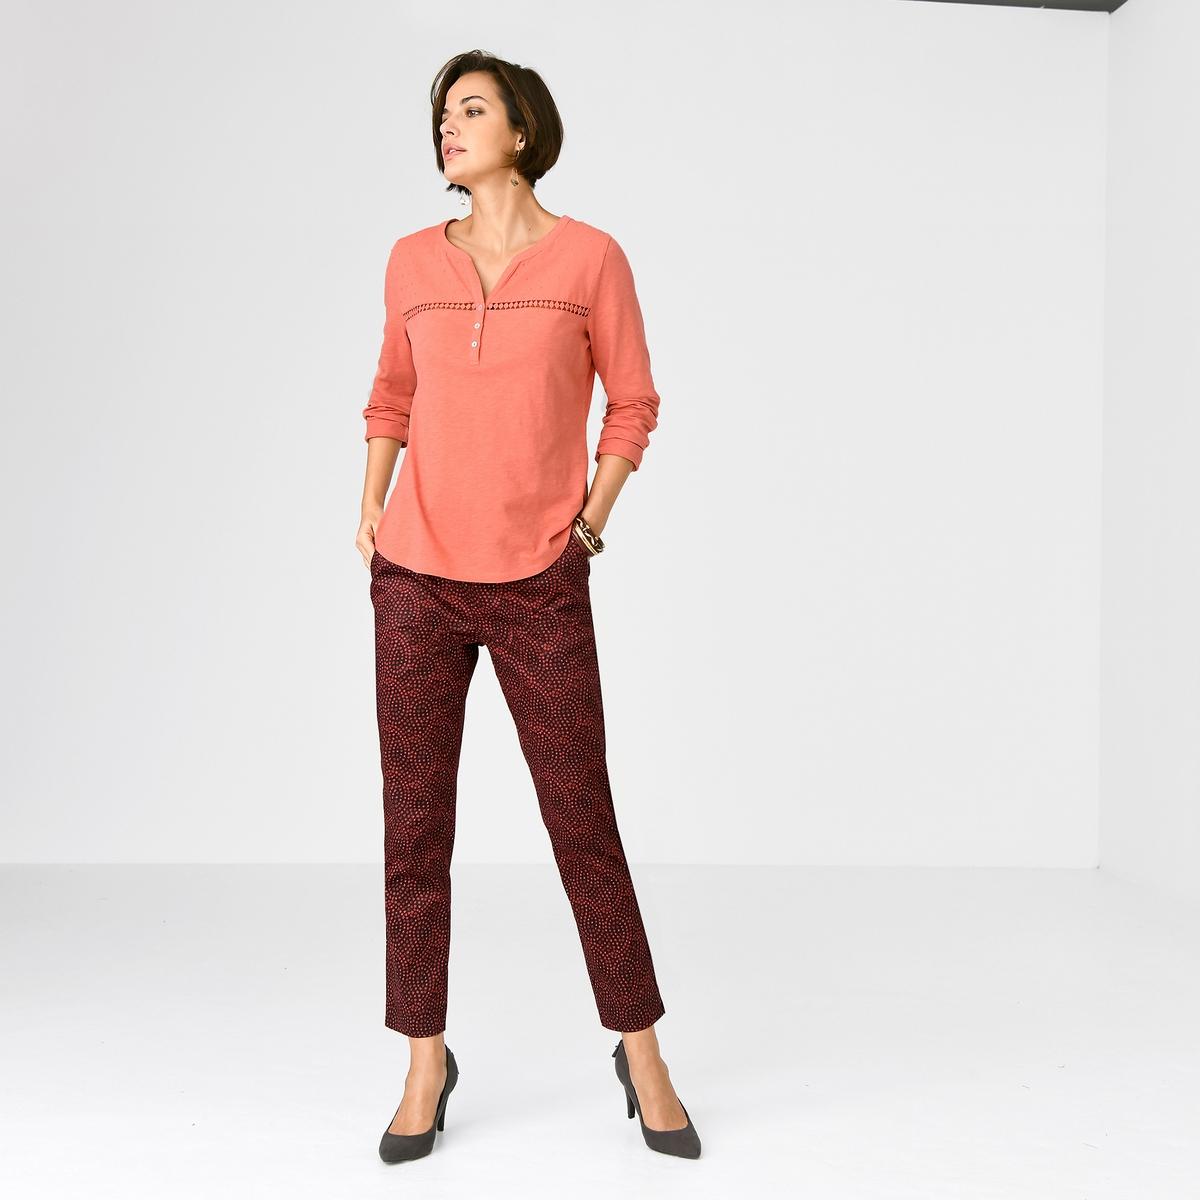 Imagen adicional de producto de Pantalón tobillero de satén de algodón stretch - Anne weyburn